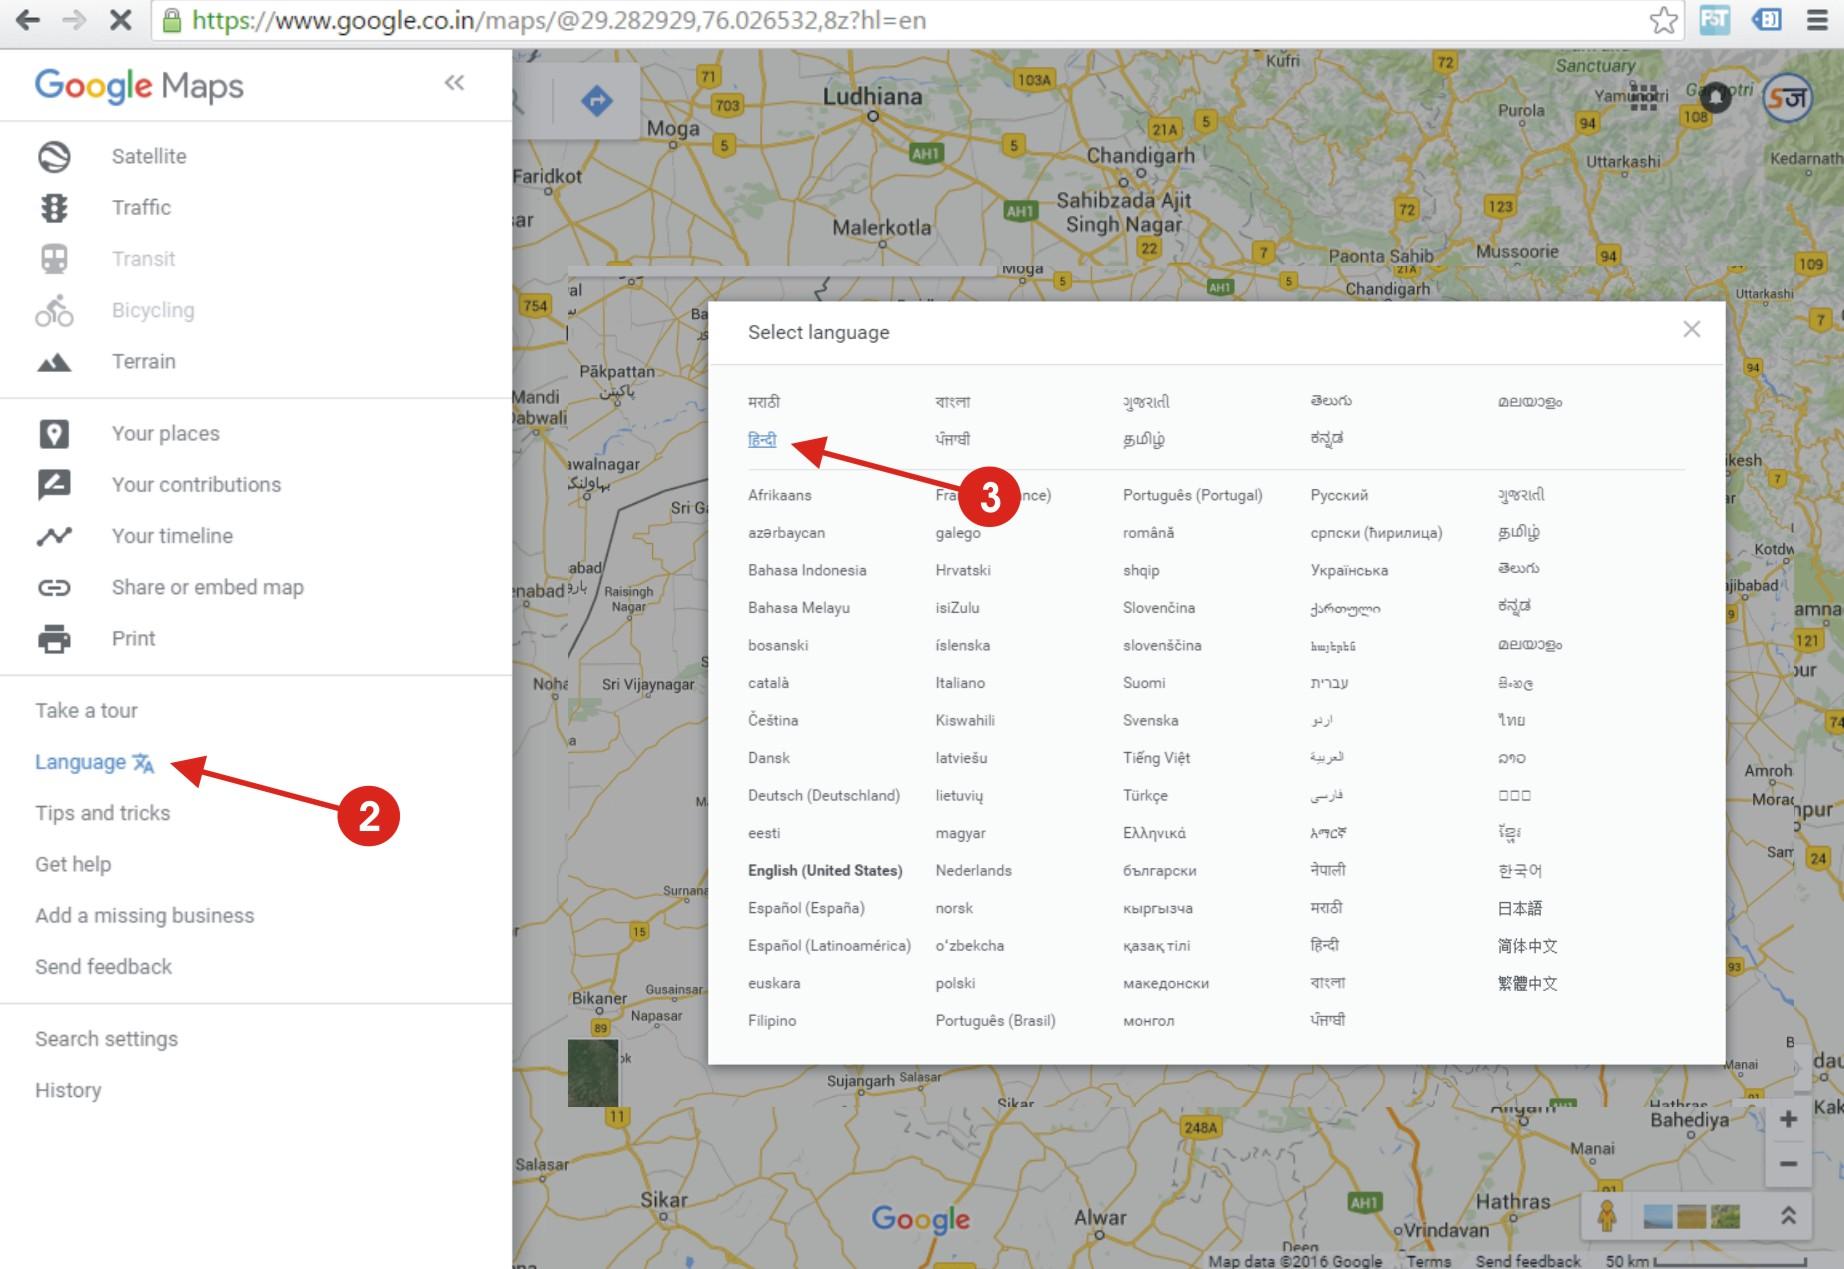 google map hindi me kaise dekhe